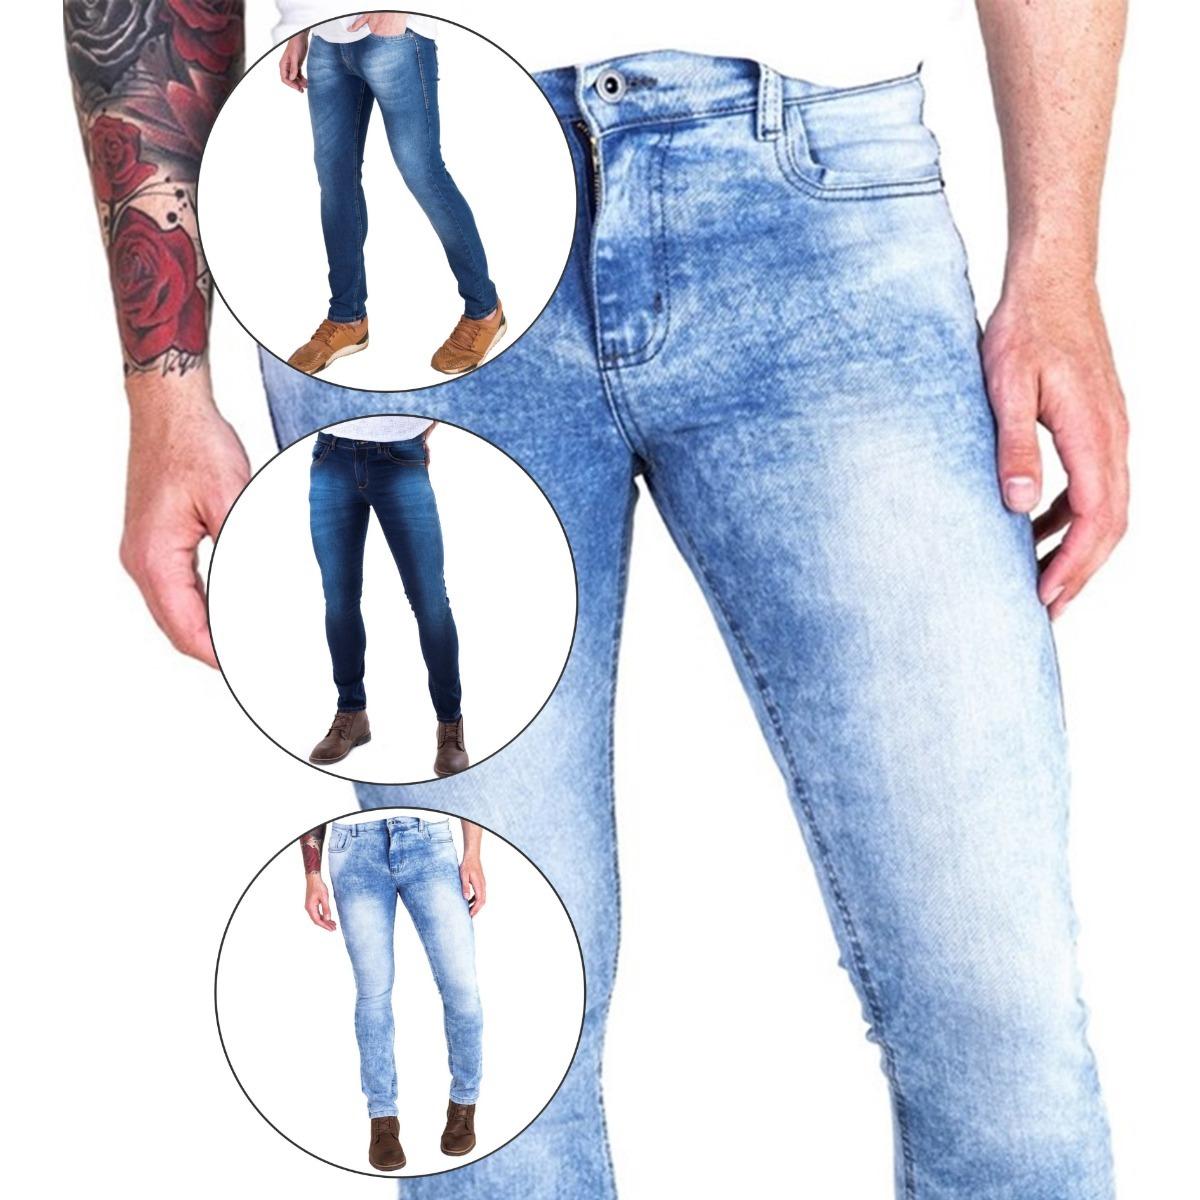 0cd84db80 kit 3 calça jeans masculina skinny slin lycra pronta entrega. Carregando  zoom.